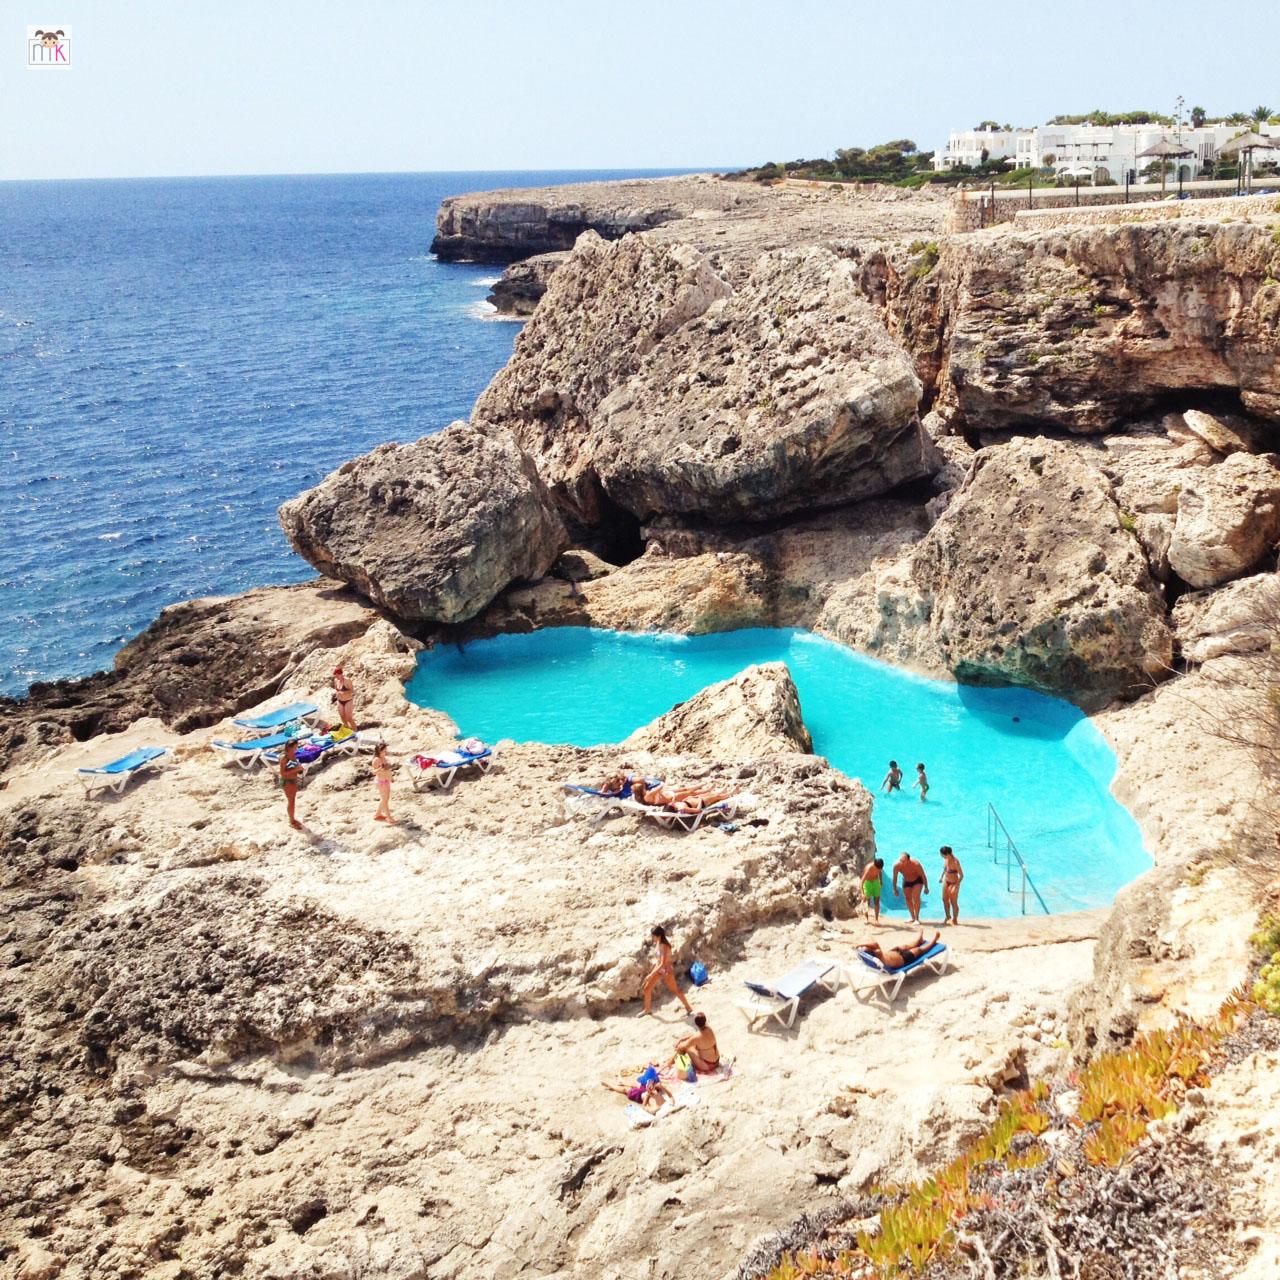 Mejor zona de mallorca para alojarse relax buena piscina y - Piscina natural mallorca ...